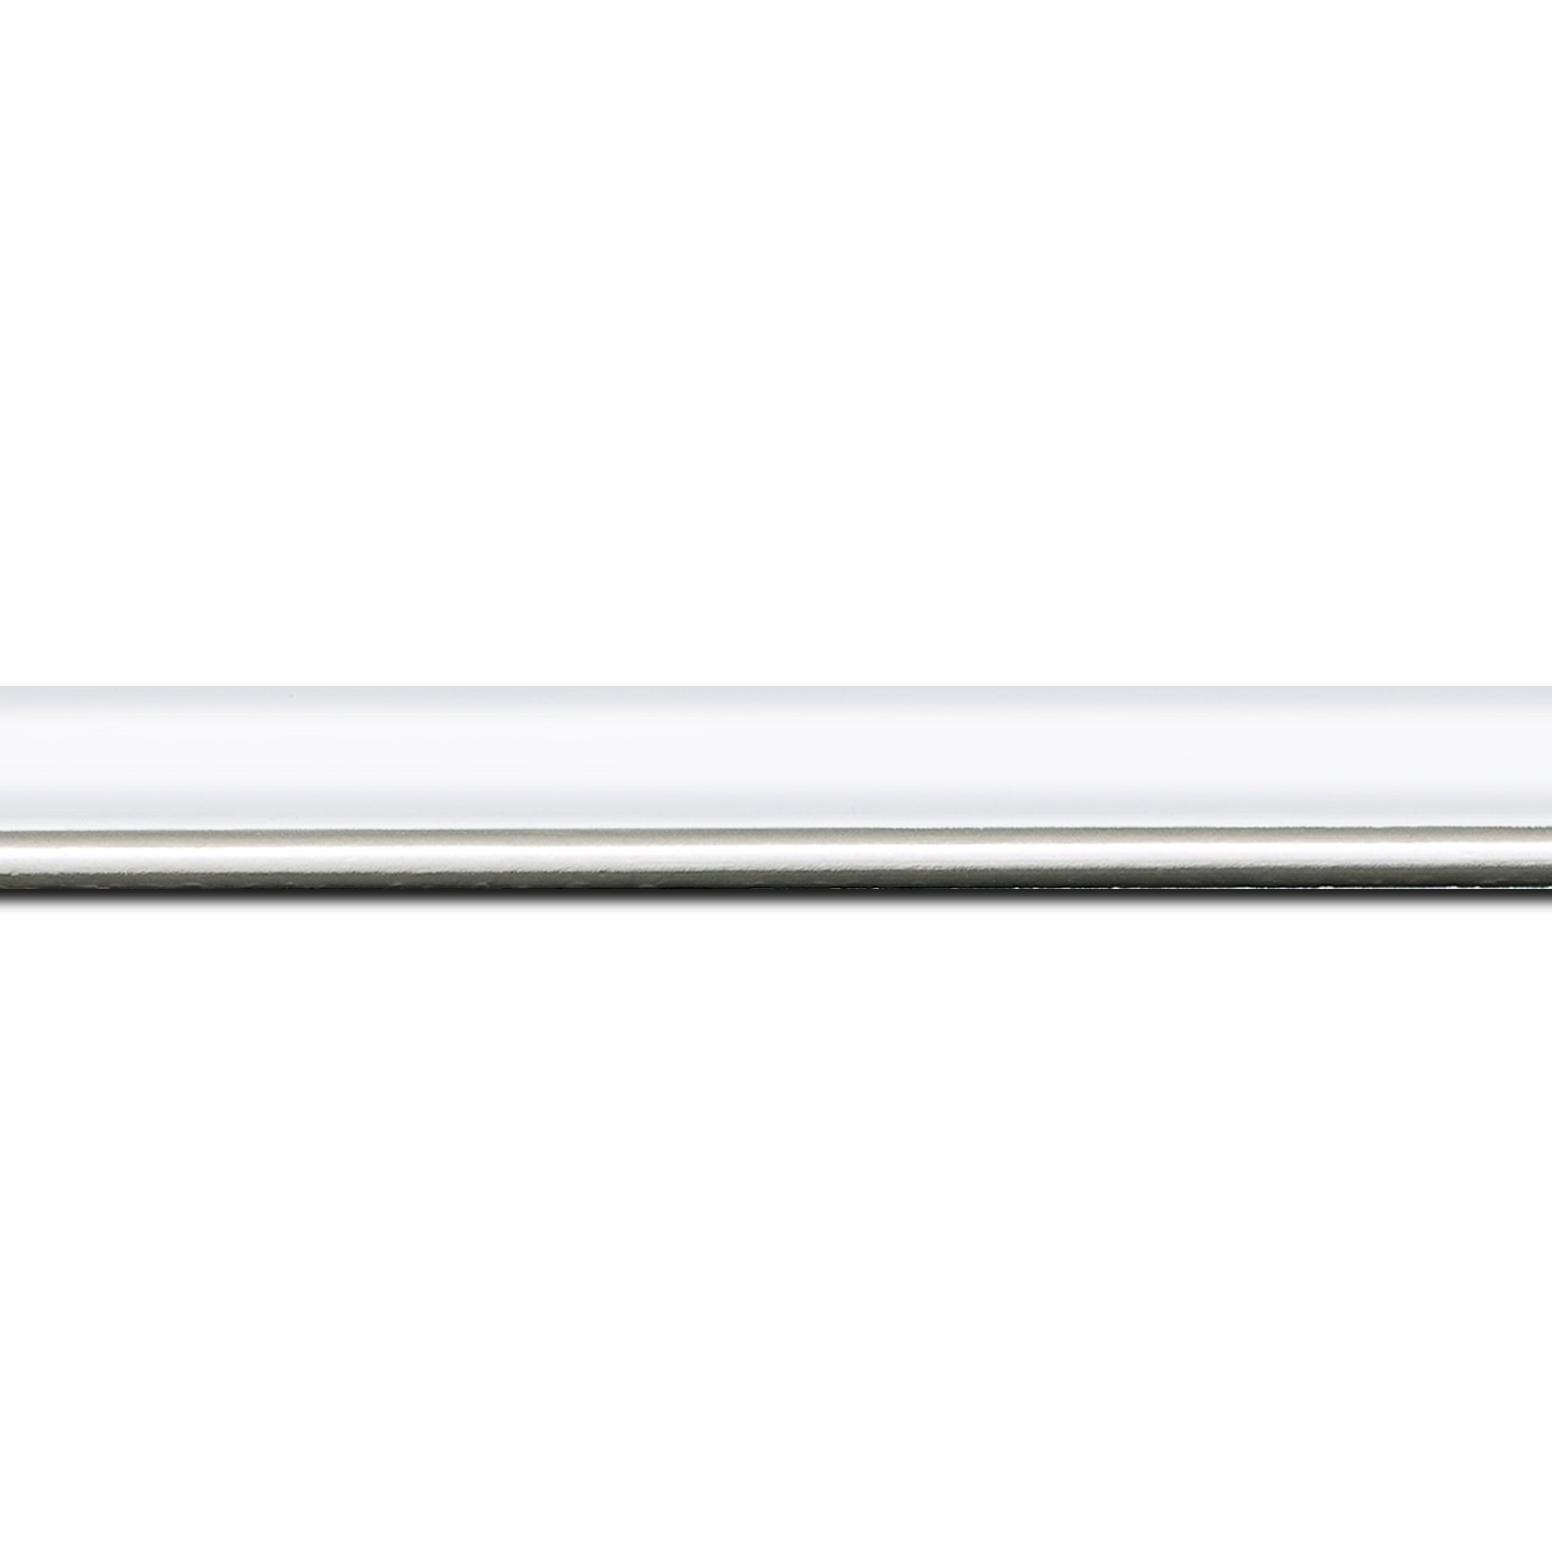 Pack par 12m, bois profil arrondi largeur 2.1cm couleur blanc mat filet argent (longueur baguette pouvant varier entre 2.40m et 3m selon arrivage des bois)